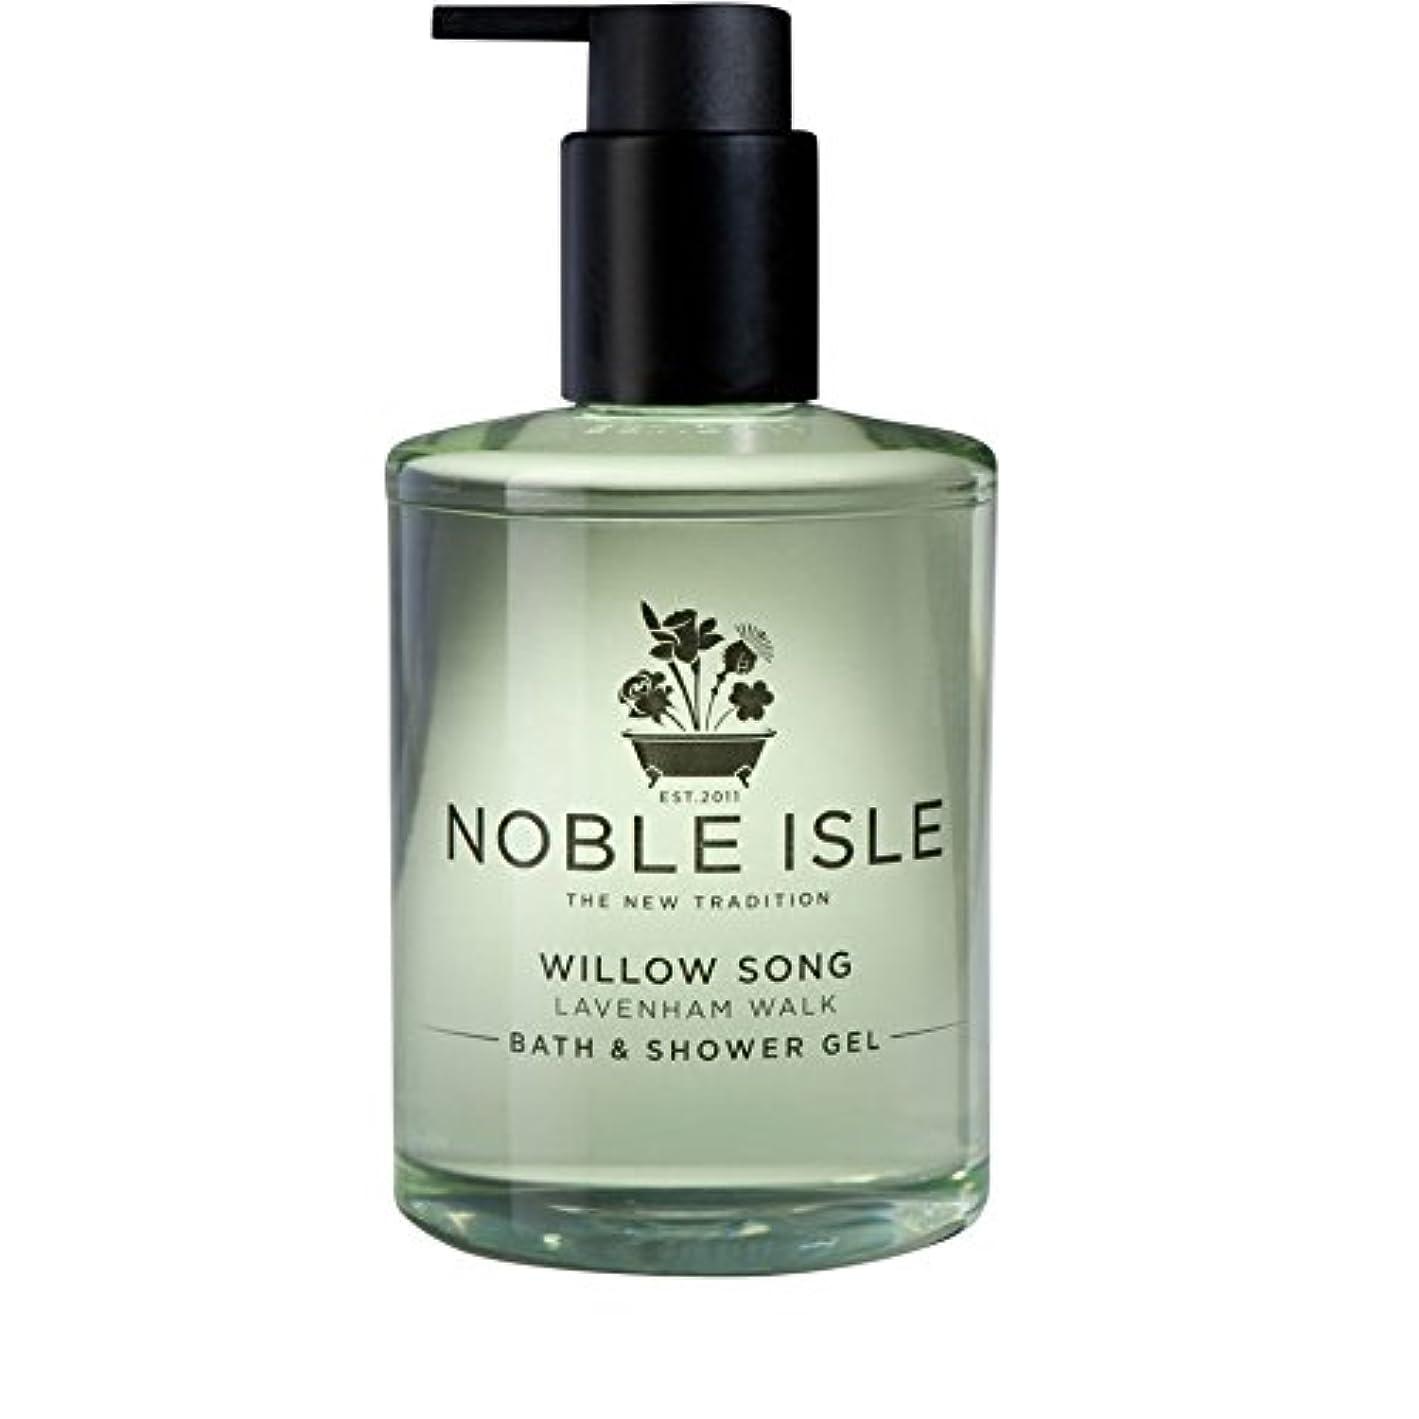 カッター合成どんよりした高貴な島柳の歌ラヴァンハム徒歩風呂とシャワージェル250ミリリットル x2 - Noble Isle Willow Song Lavenham Walk Bath and Shower Gel 250ml (Pack of 2) [並行輸入品]